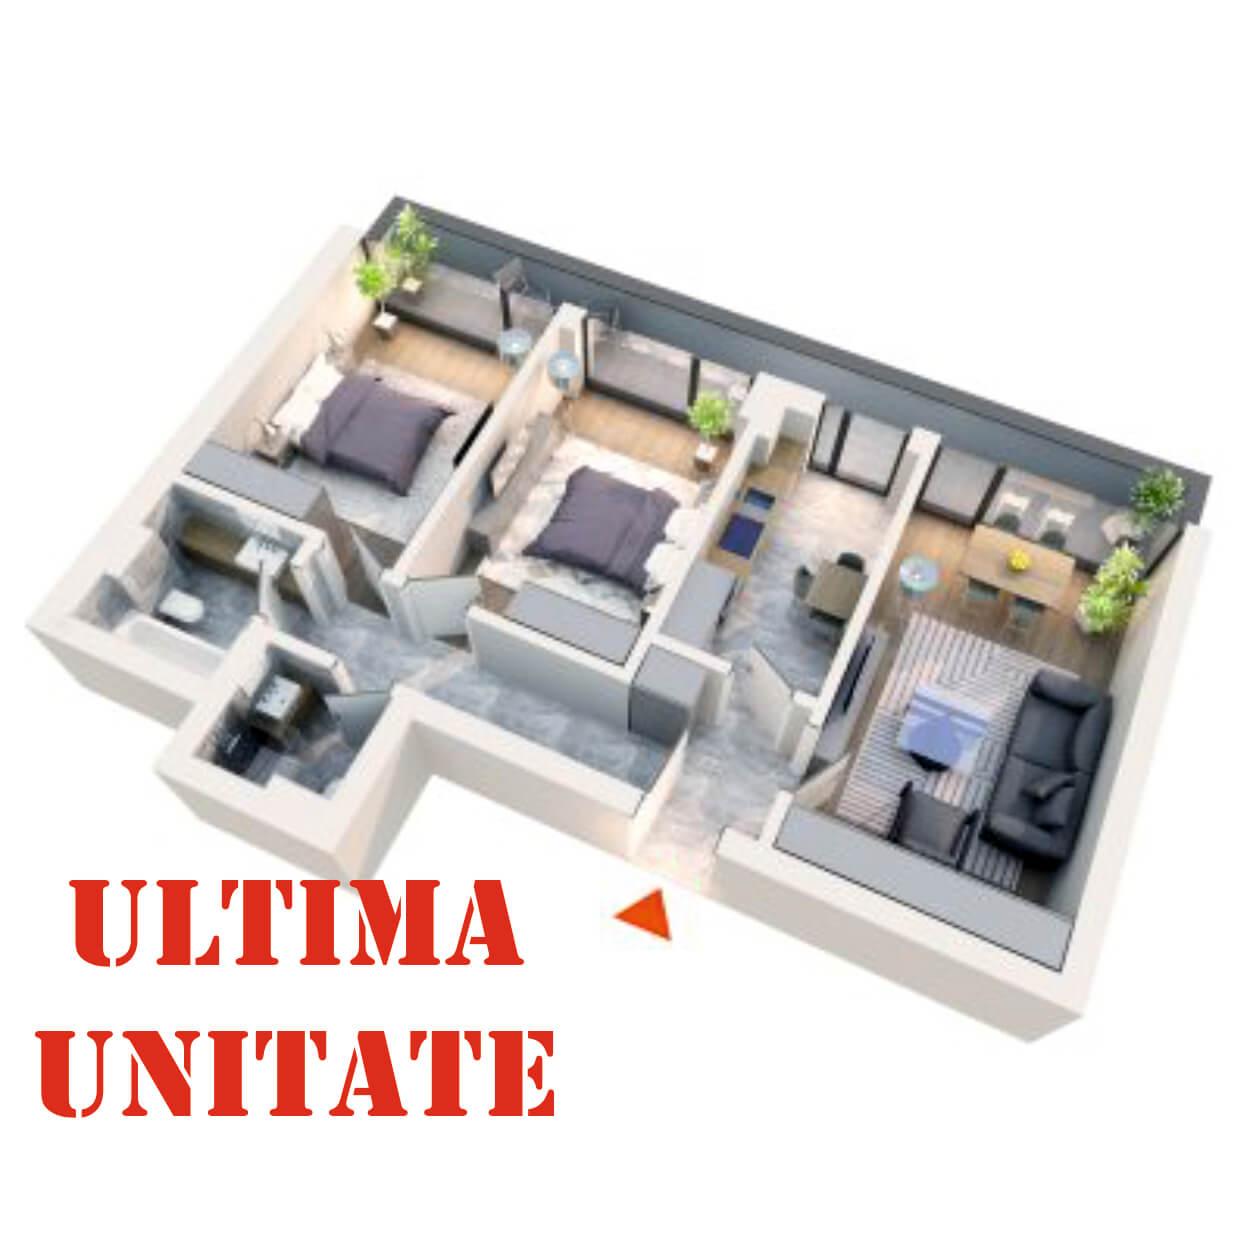 Apartament 3 camere tip 3C3 | Balcon | Etaj 4 | Corp C2 C5 | Faza 2